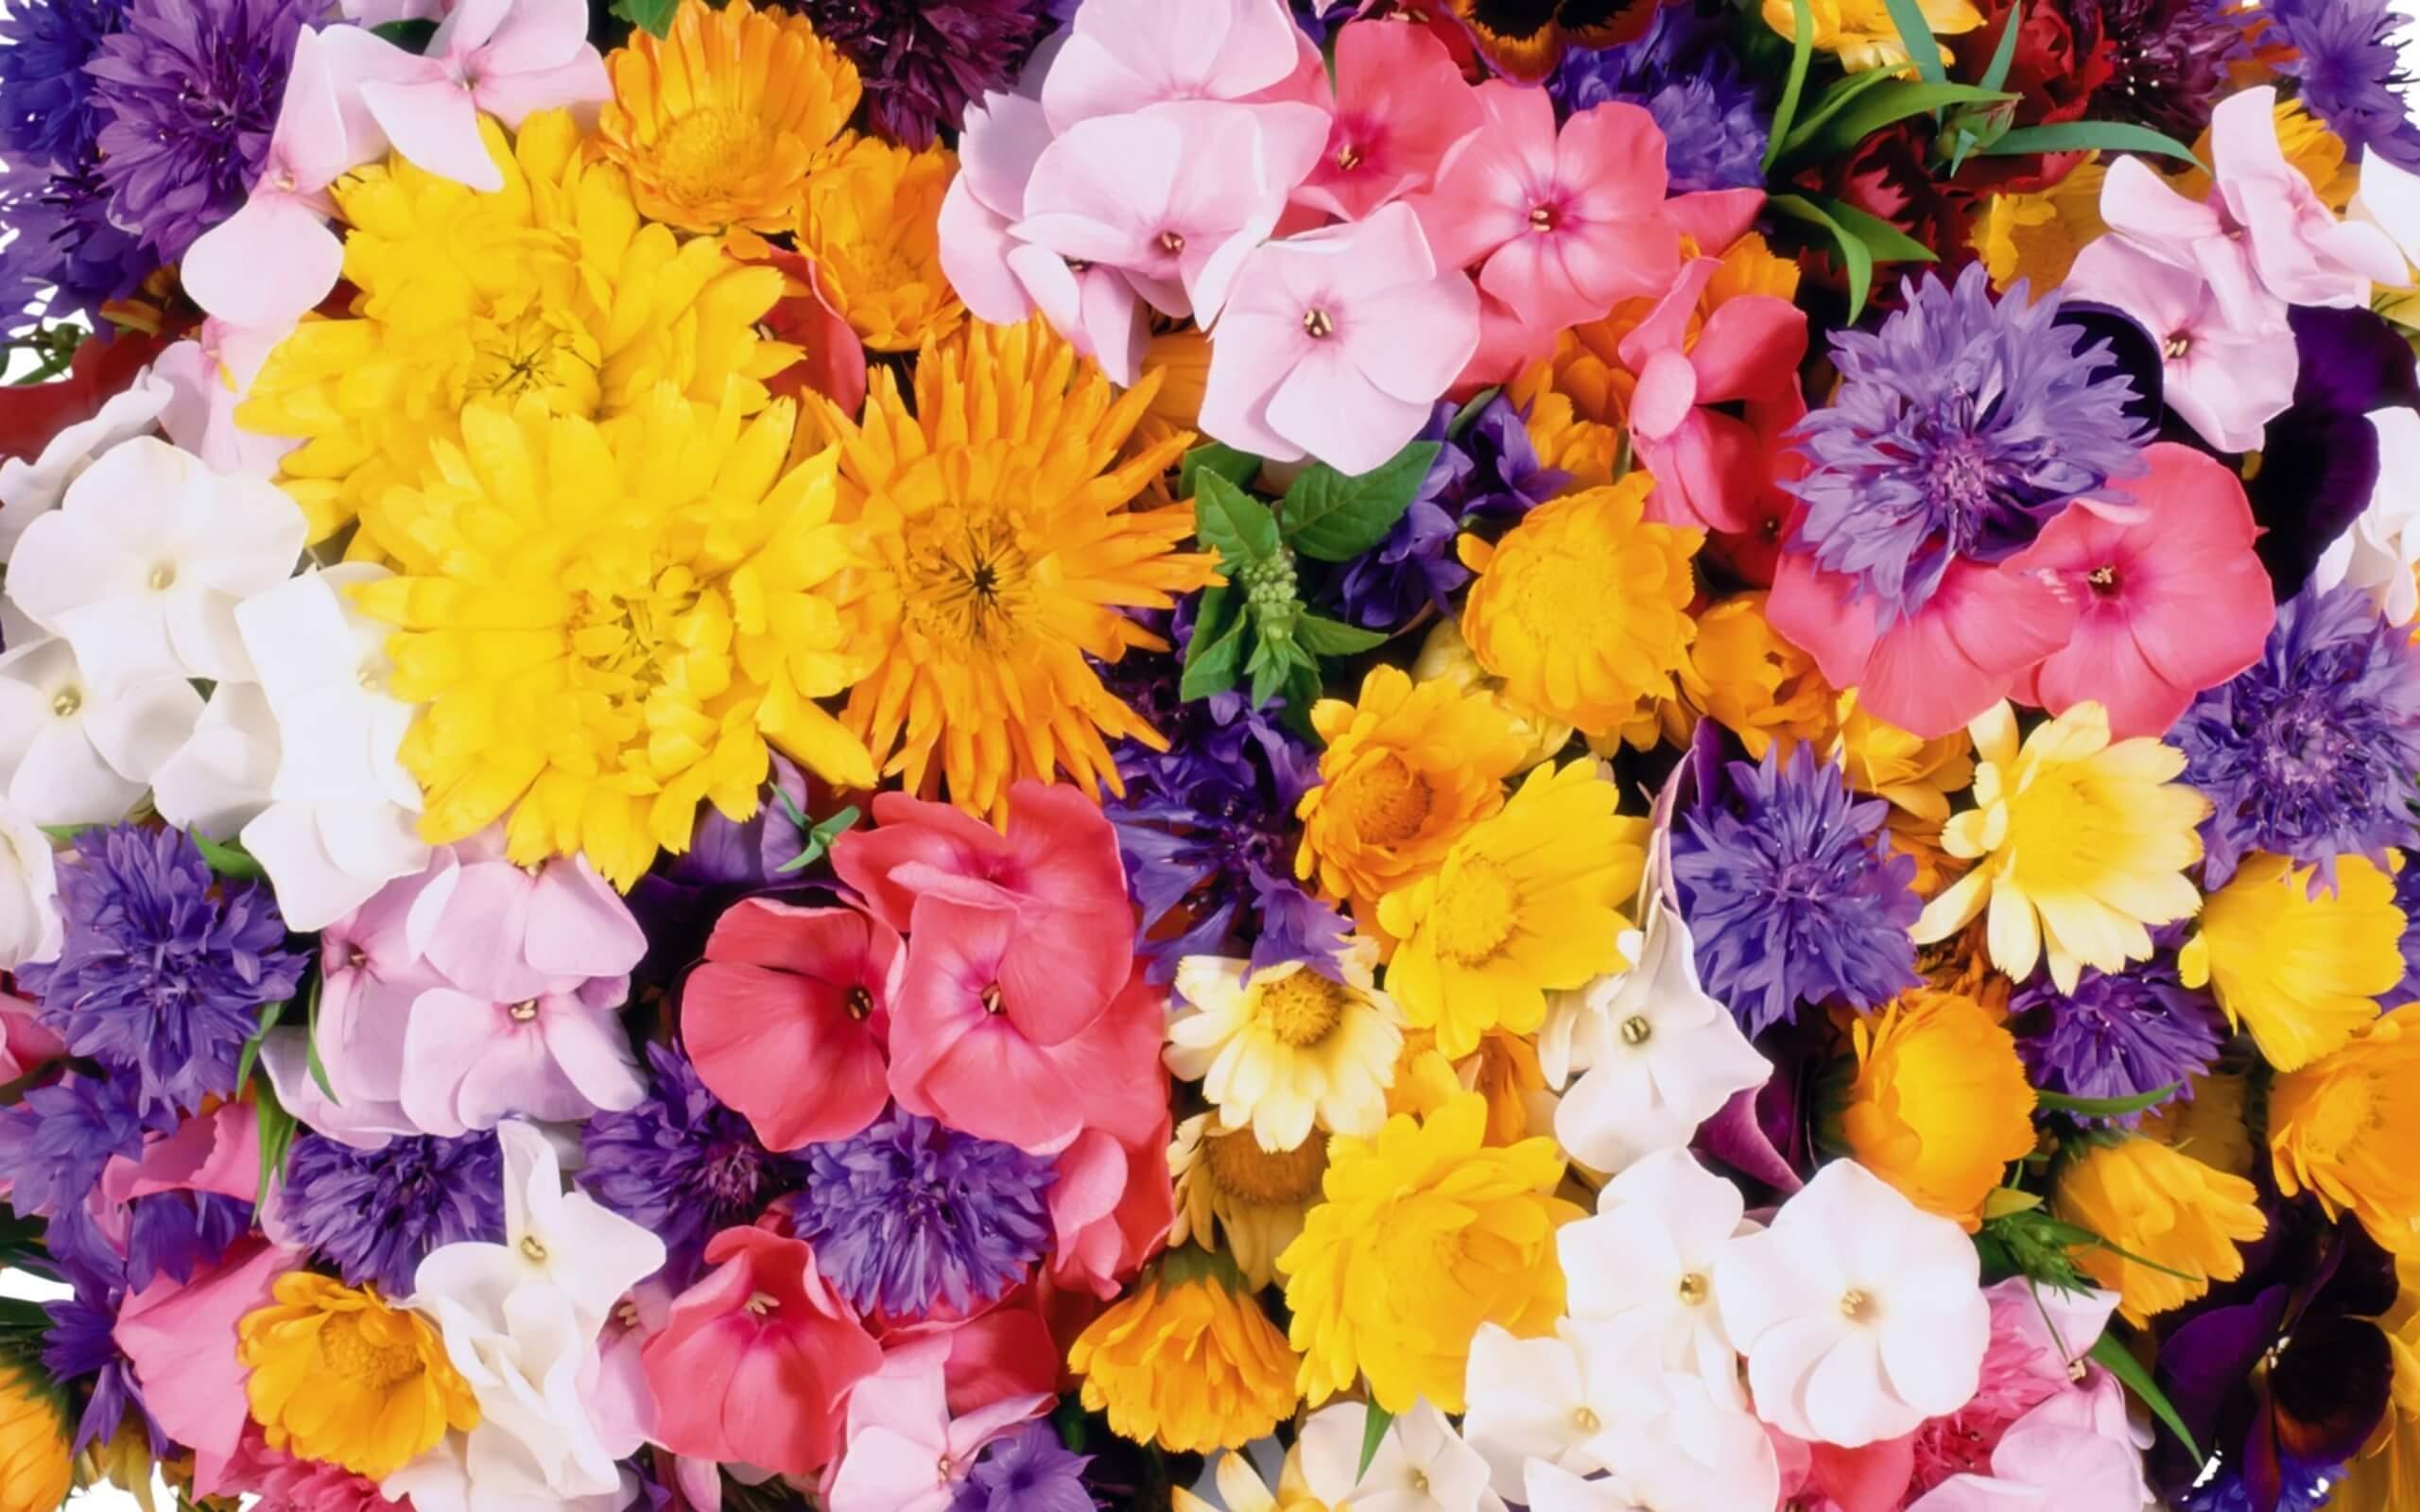 К чему снятся цветы во сне женщине - живые, комнатные, в букетах, в горшках